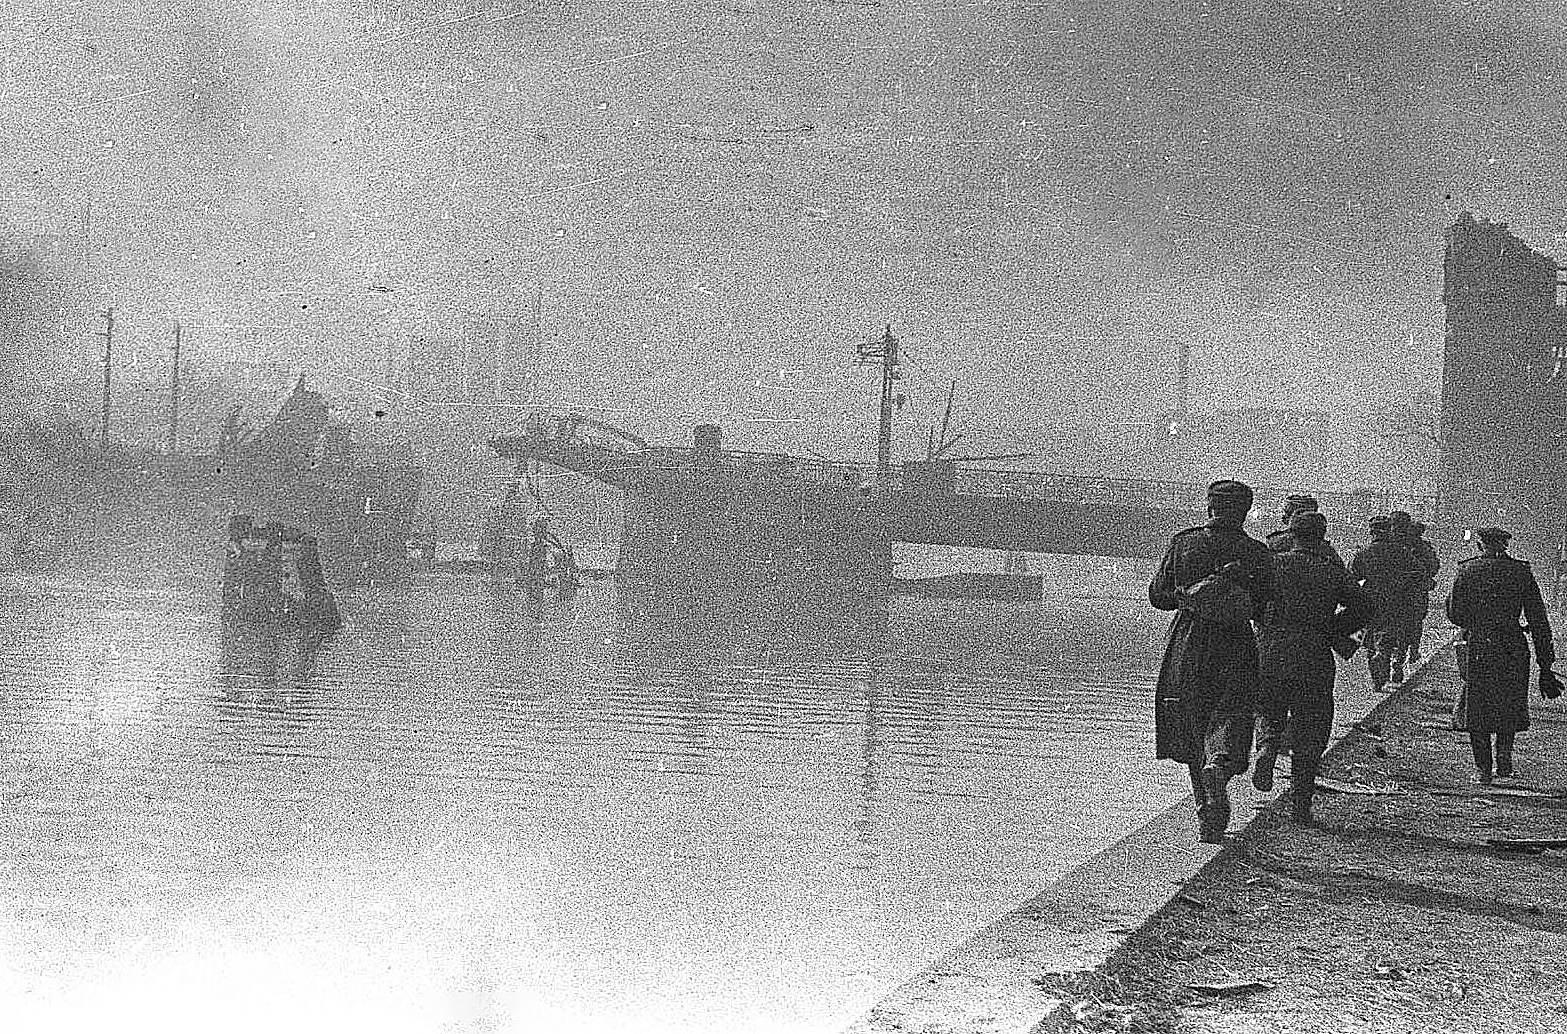 Михаил Савин. Советские солдаты идут по набережной разрушенного в боях Кенигсберга. Апрель 1945